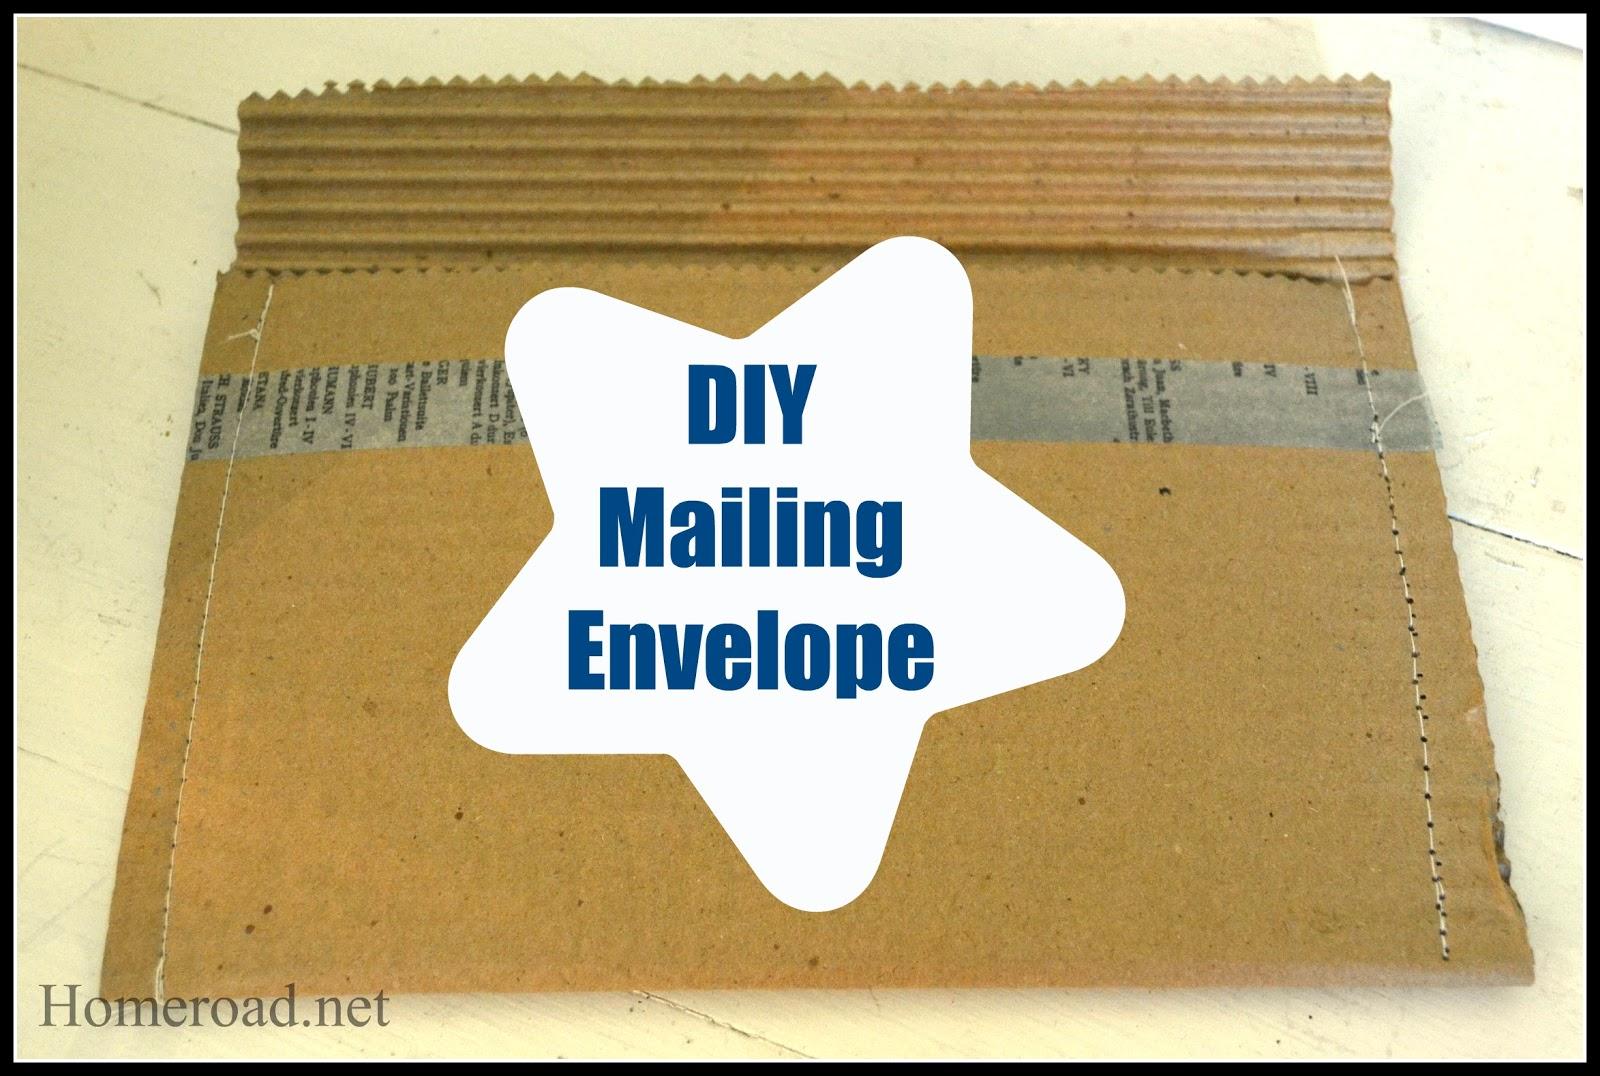 diy mailing envelope